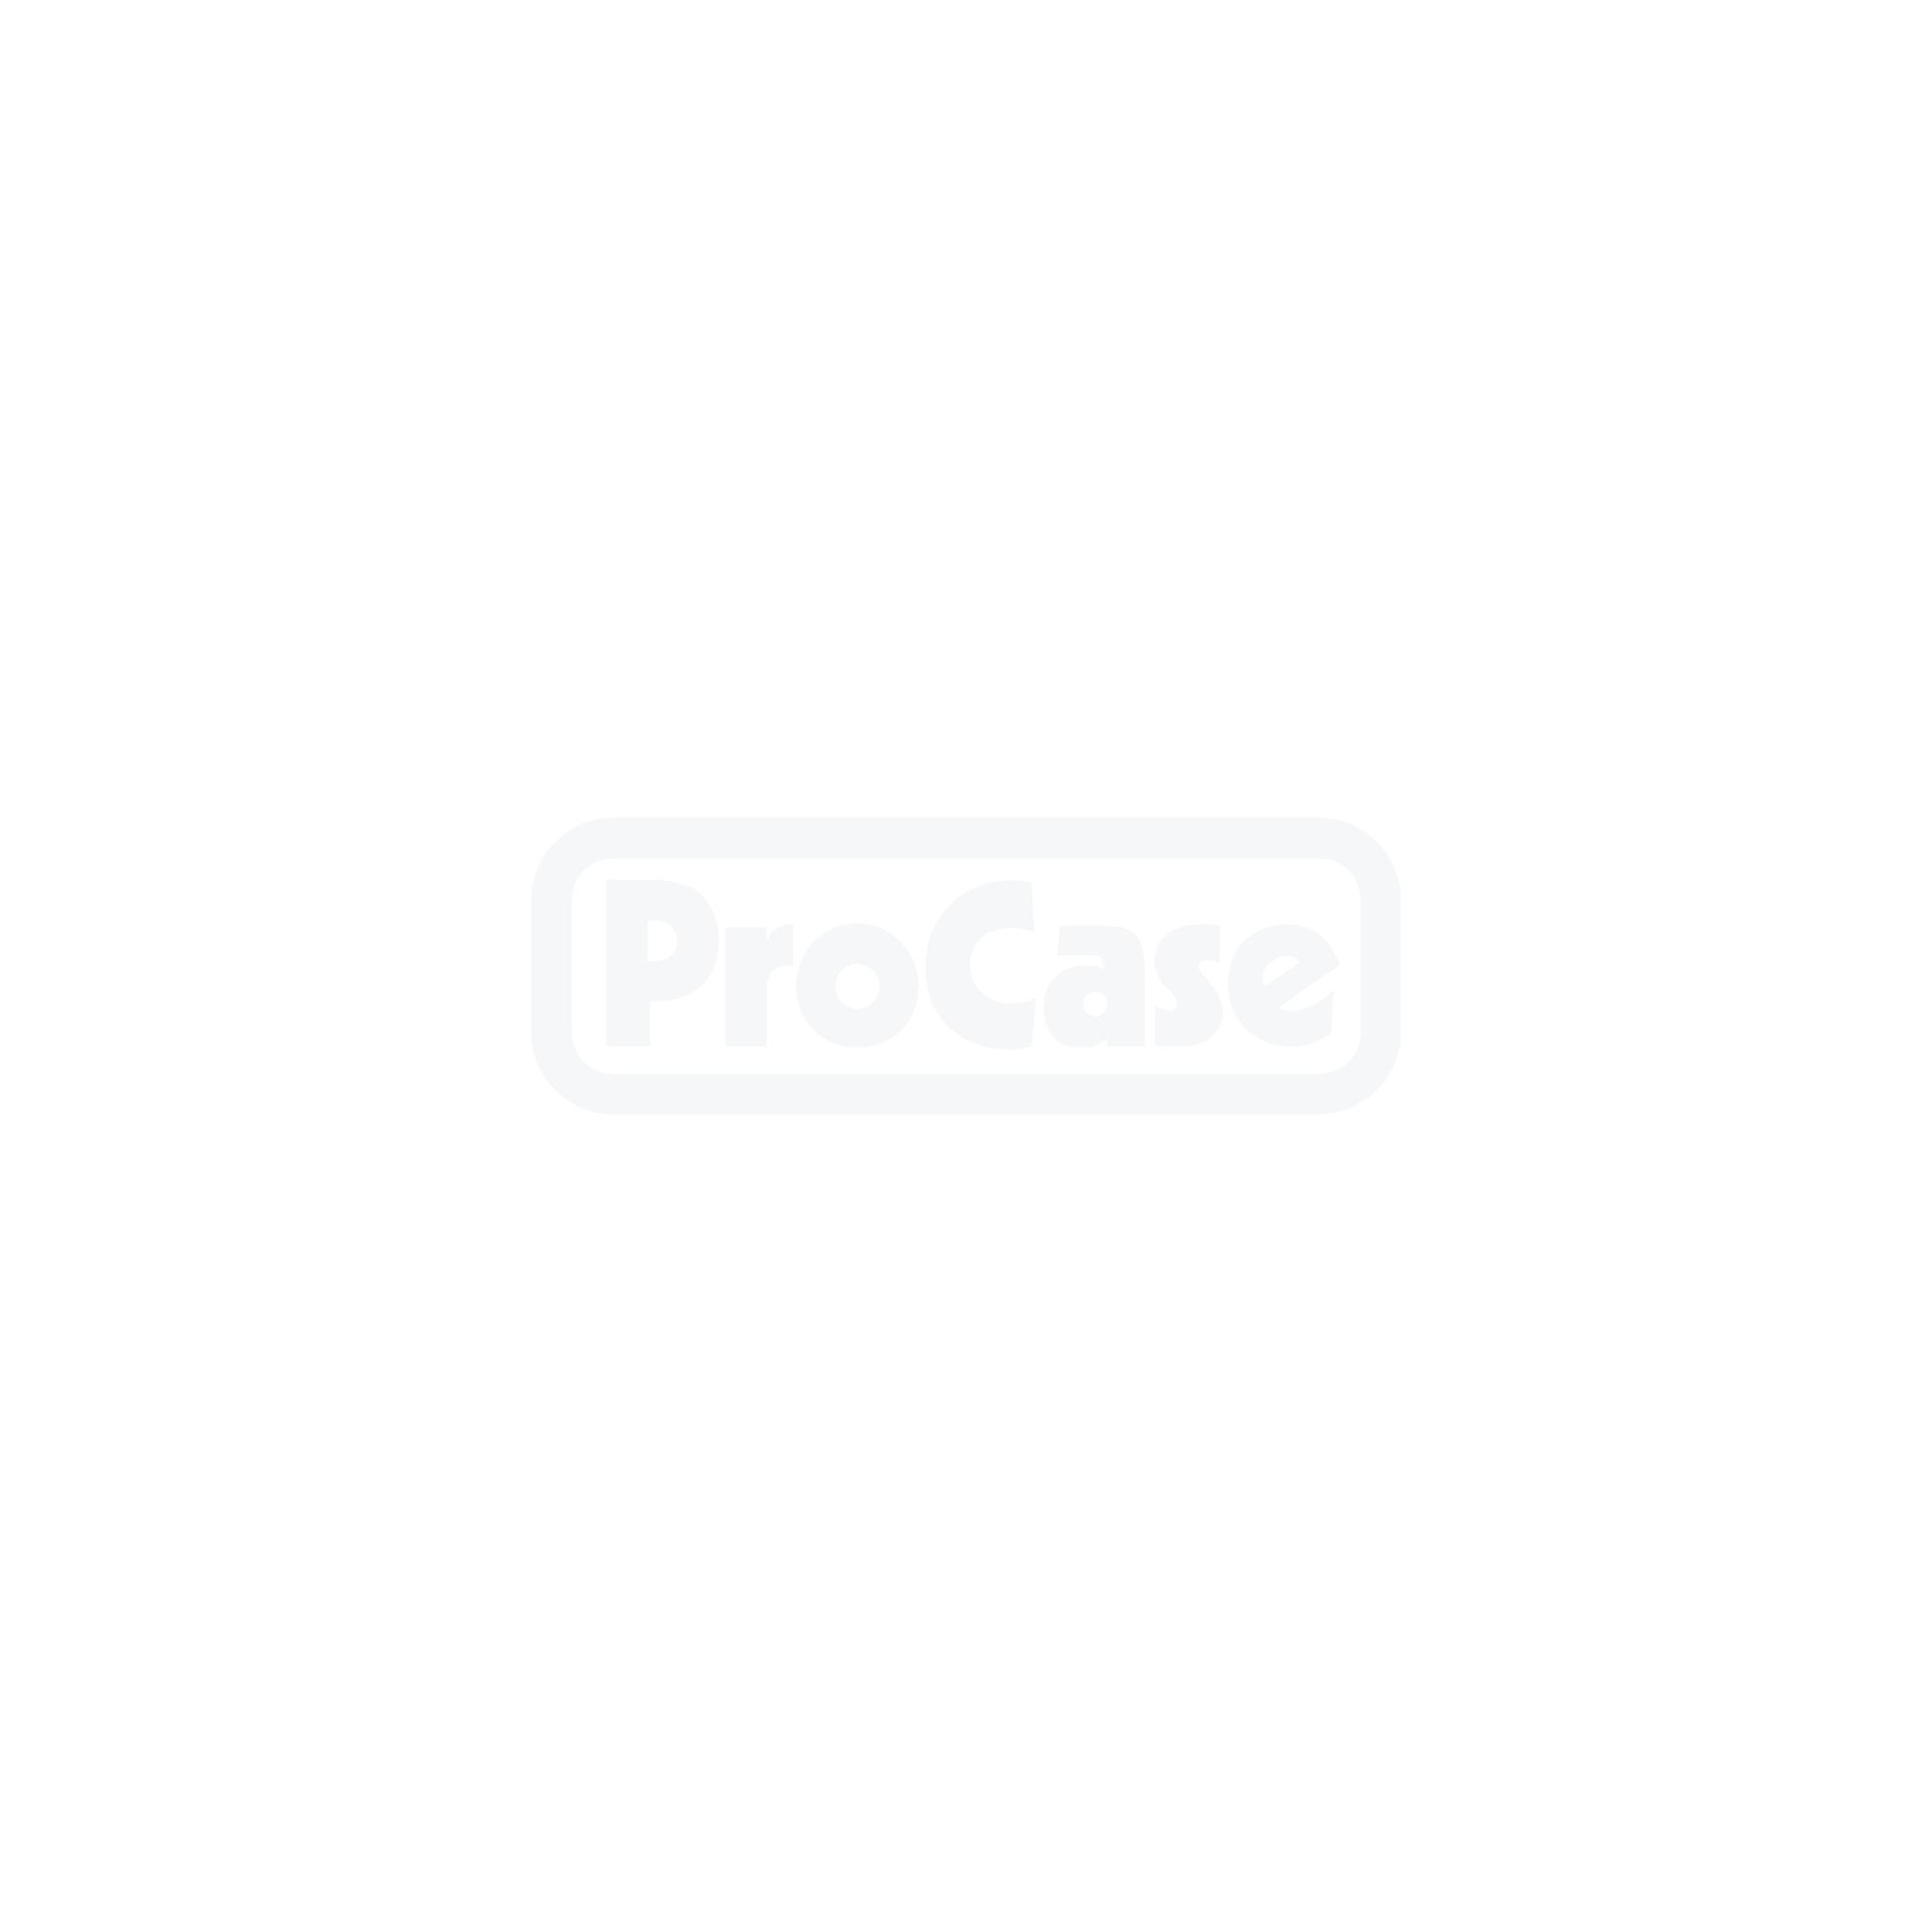 Unterteilung für Sprinter Kunststoff Lagerkasten